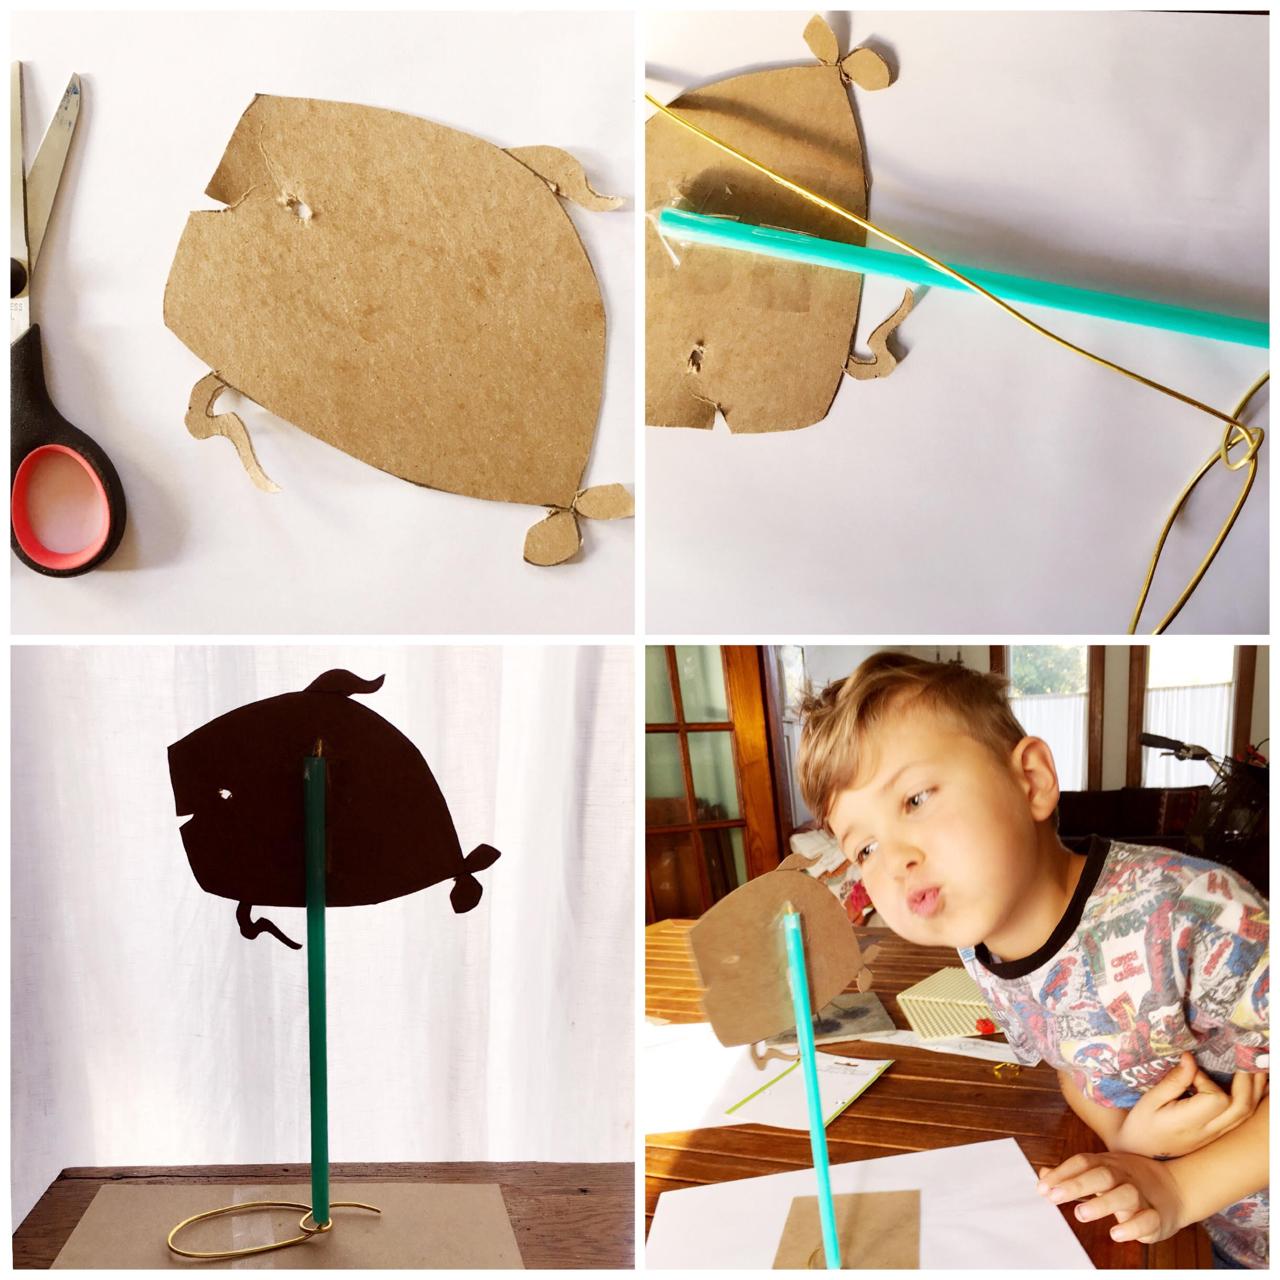 art activities - 5.jpg